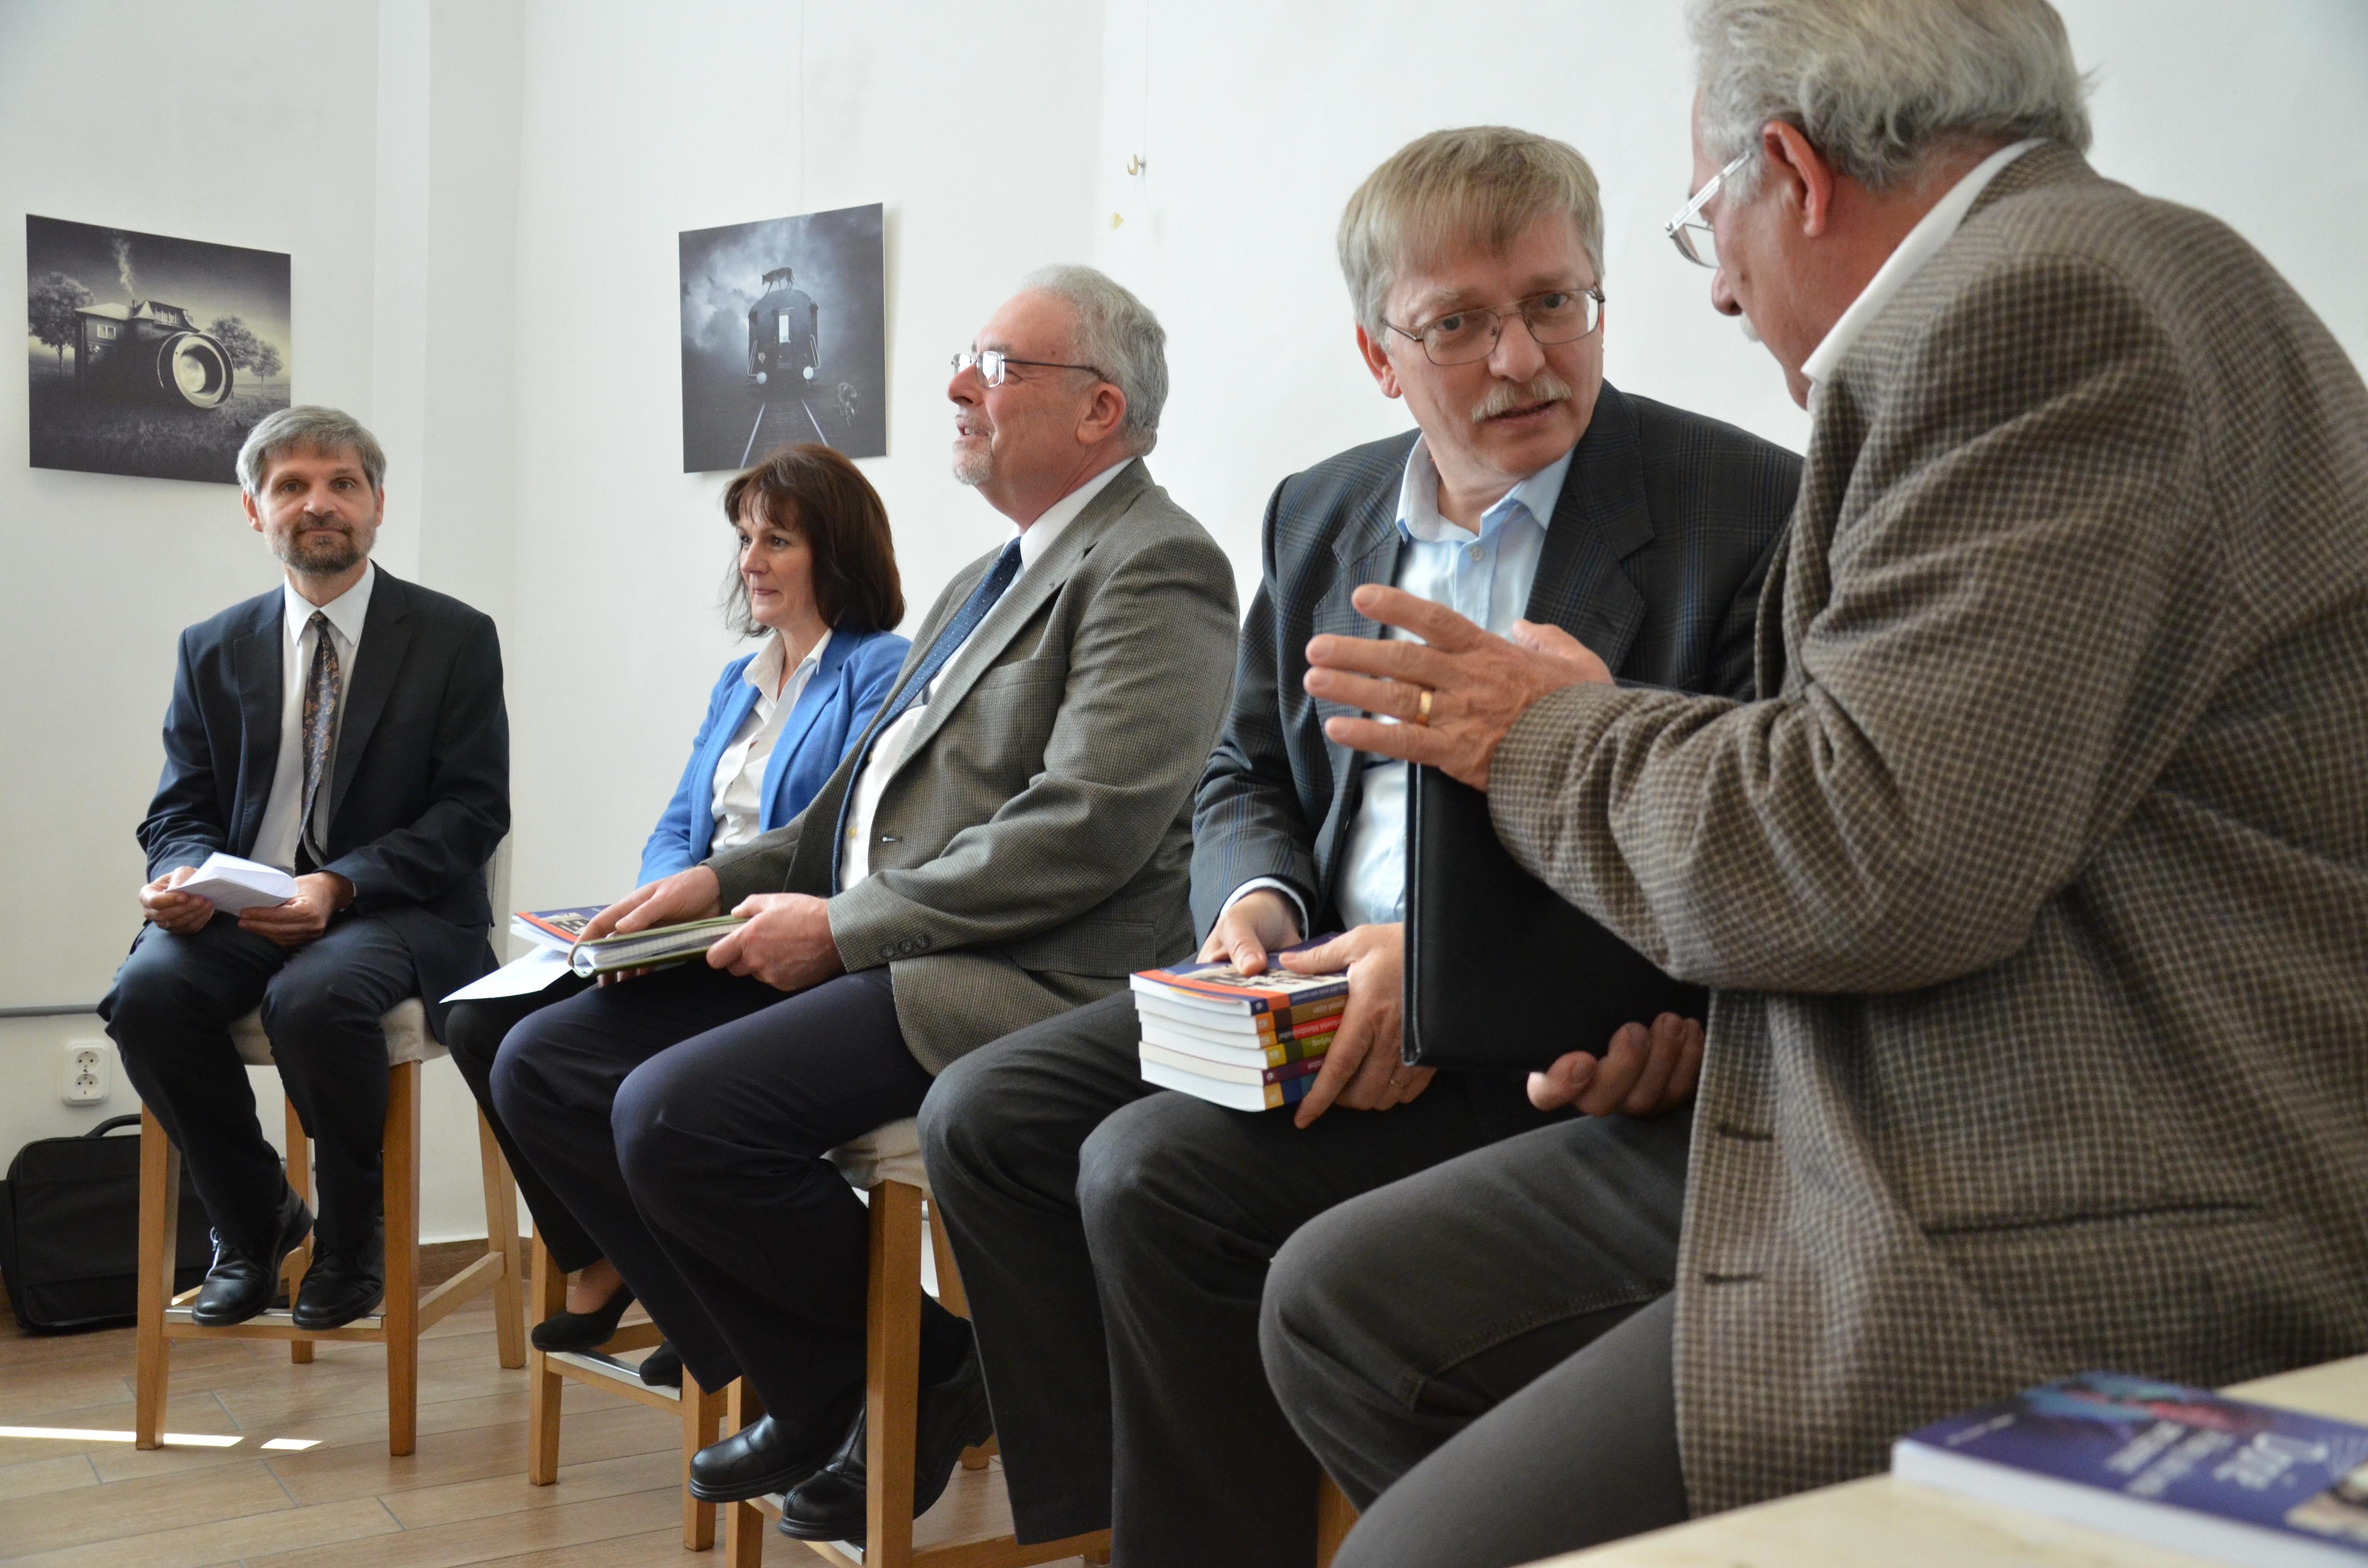 A könyvbemutató előadói (balról jobbra): Bödő Sándor, a Nyitott Szív program vezetője; Tapolyai Emőke pszichológus; Mark Bonham, az Open Hearts Ministry vezetője; Herjeczki Kornél, a Harmat Kiadó igazgatója.